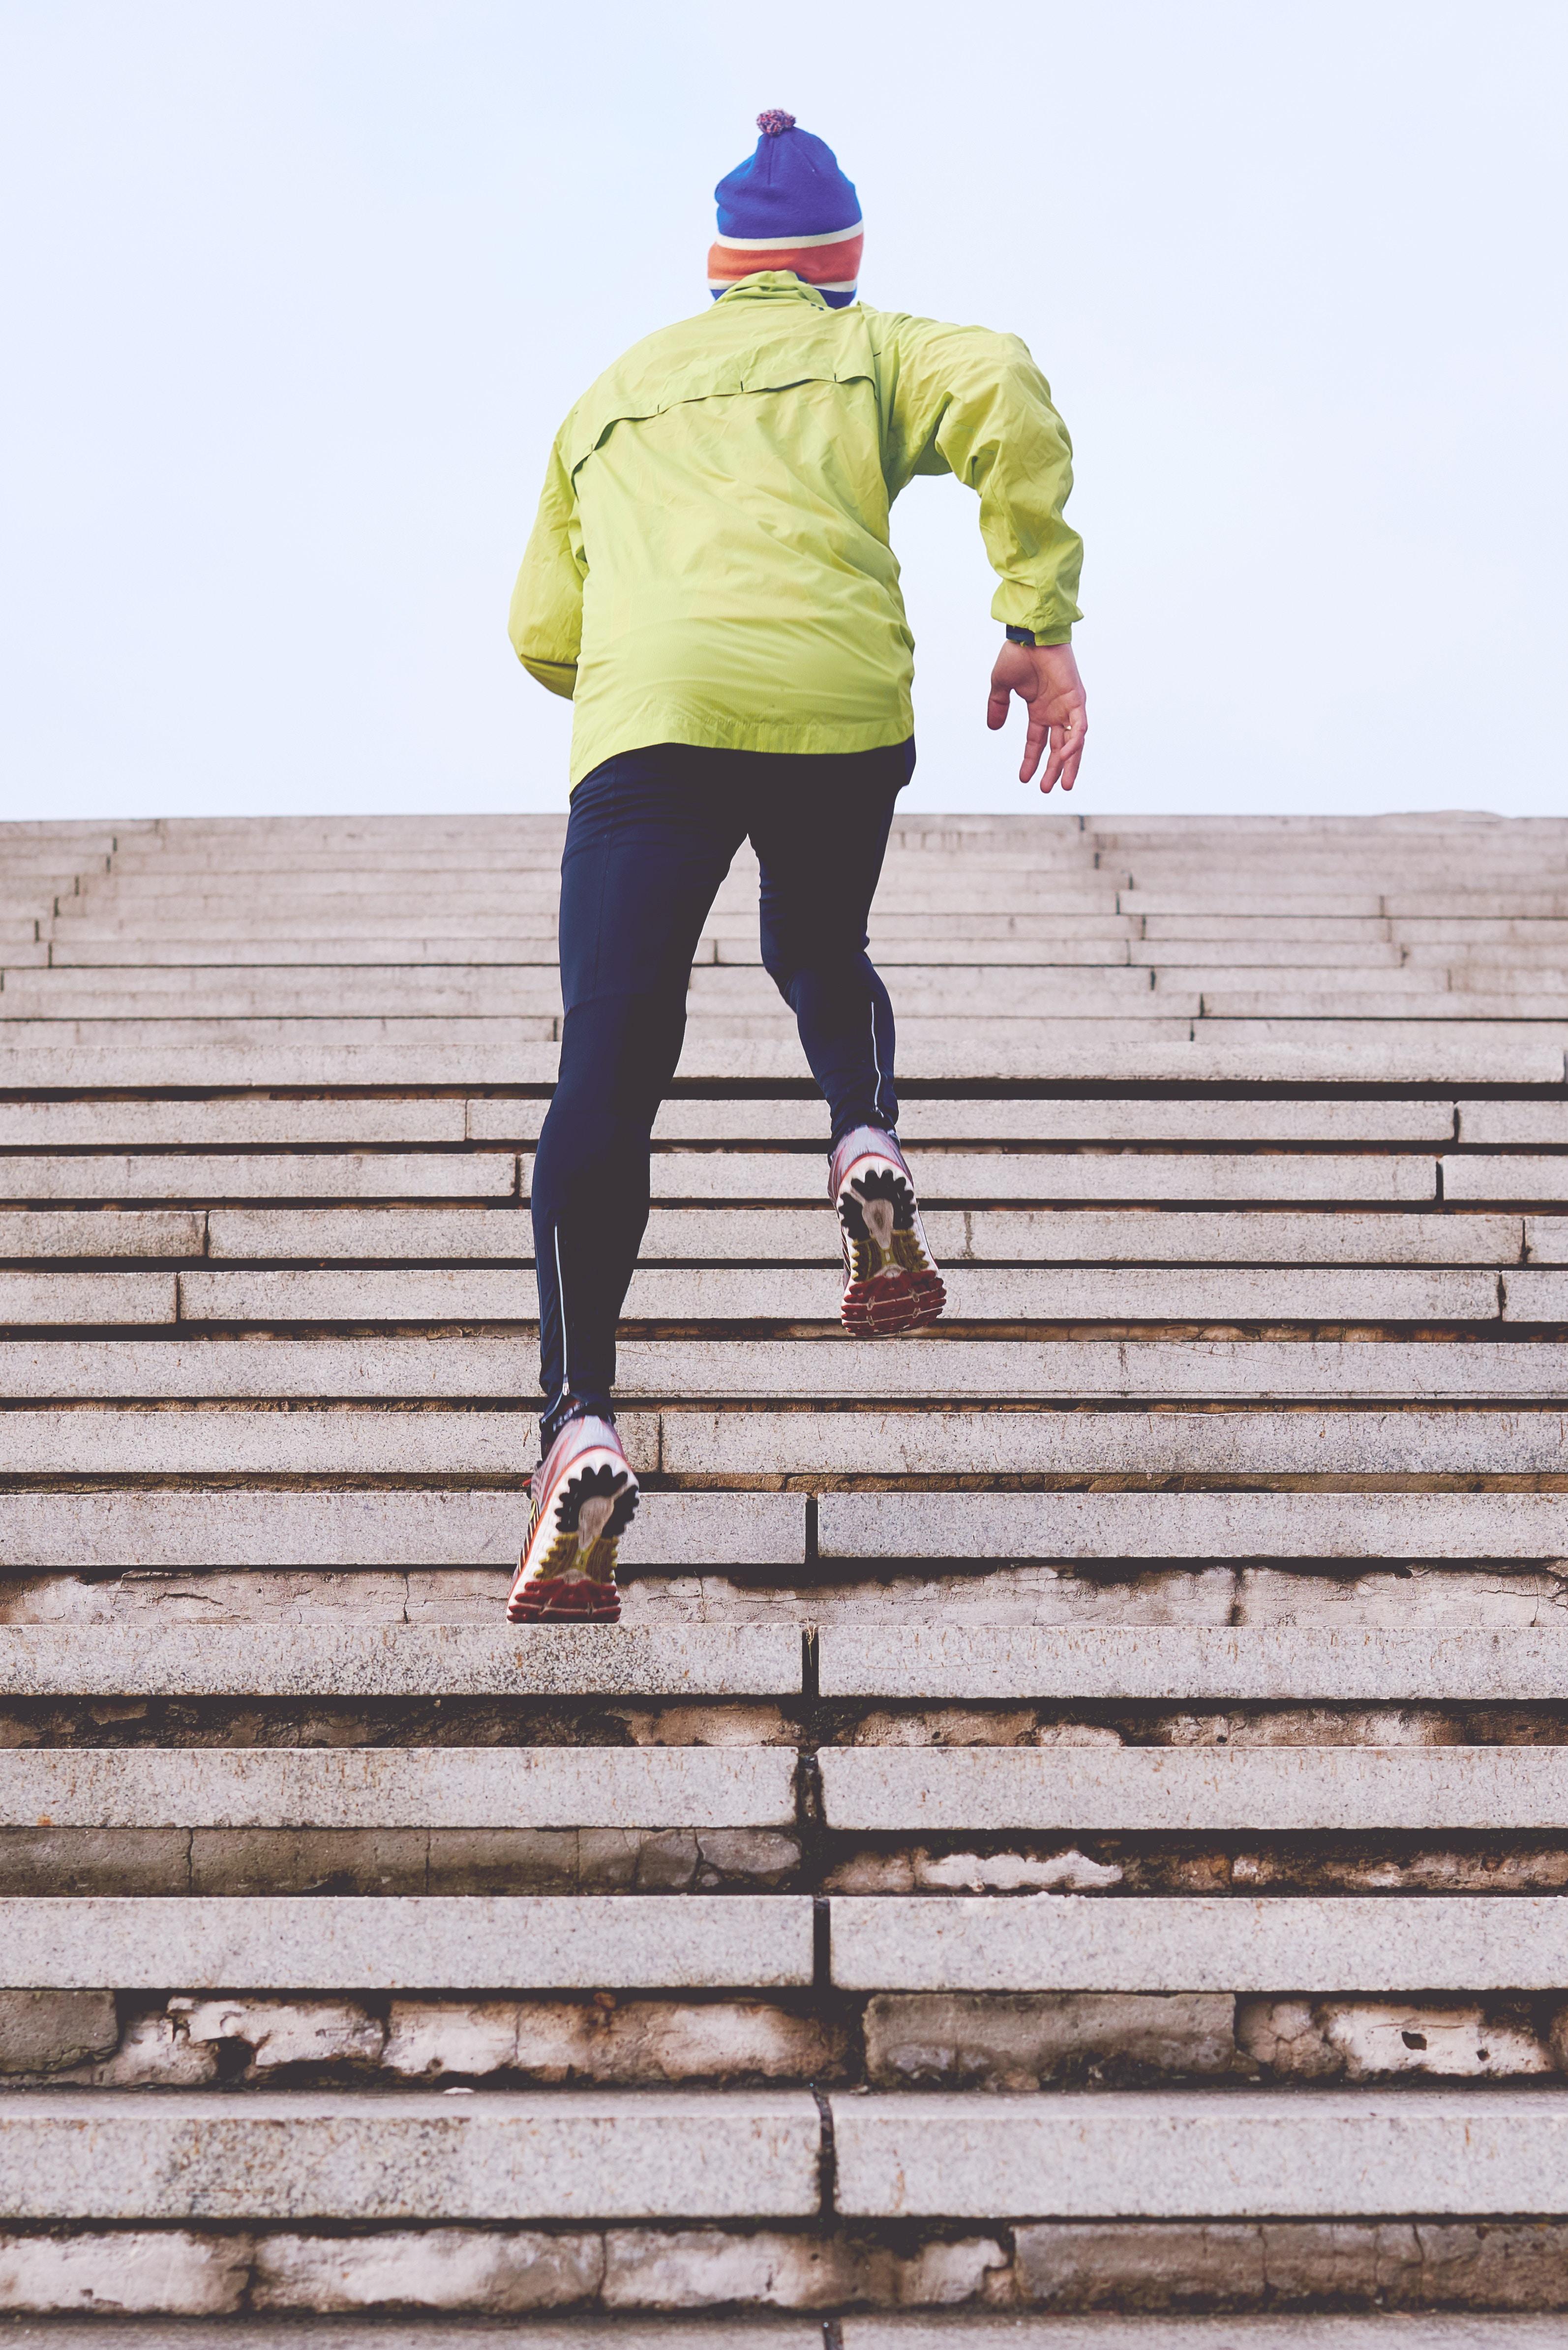 Comment s'entraîner pour la randonnée ? (GUIDE PRATIQUE)